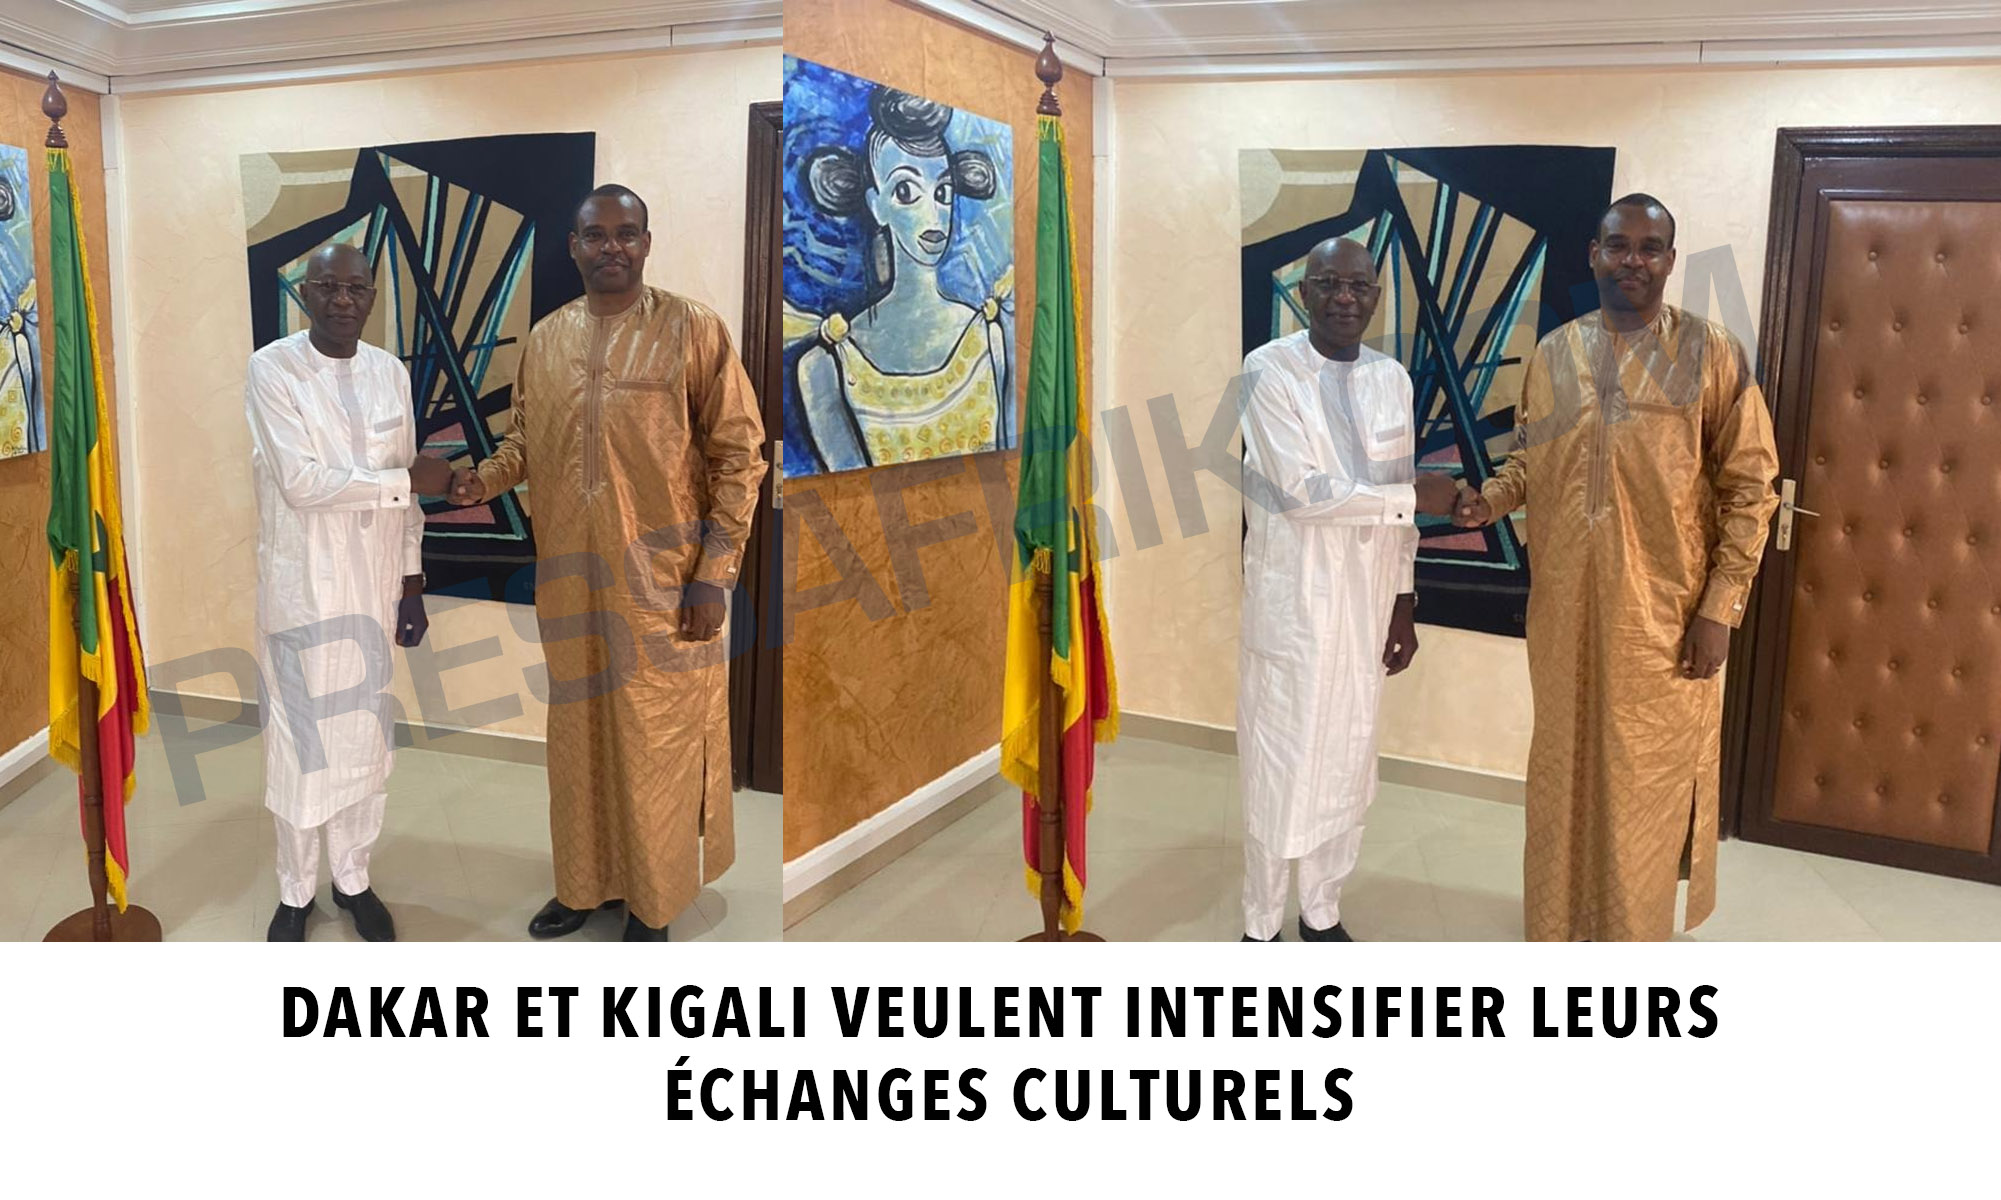 Dakar et Kigali veulent intensifier leurs échanges culturels